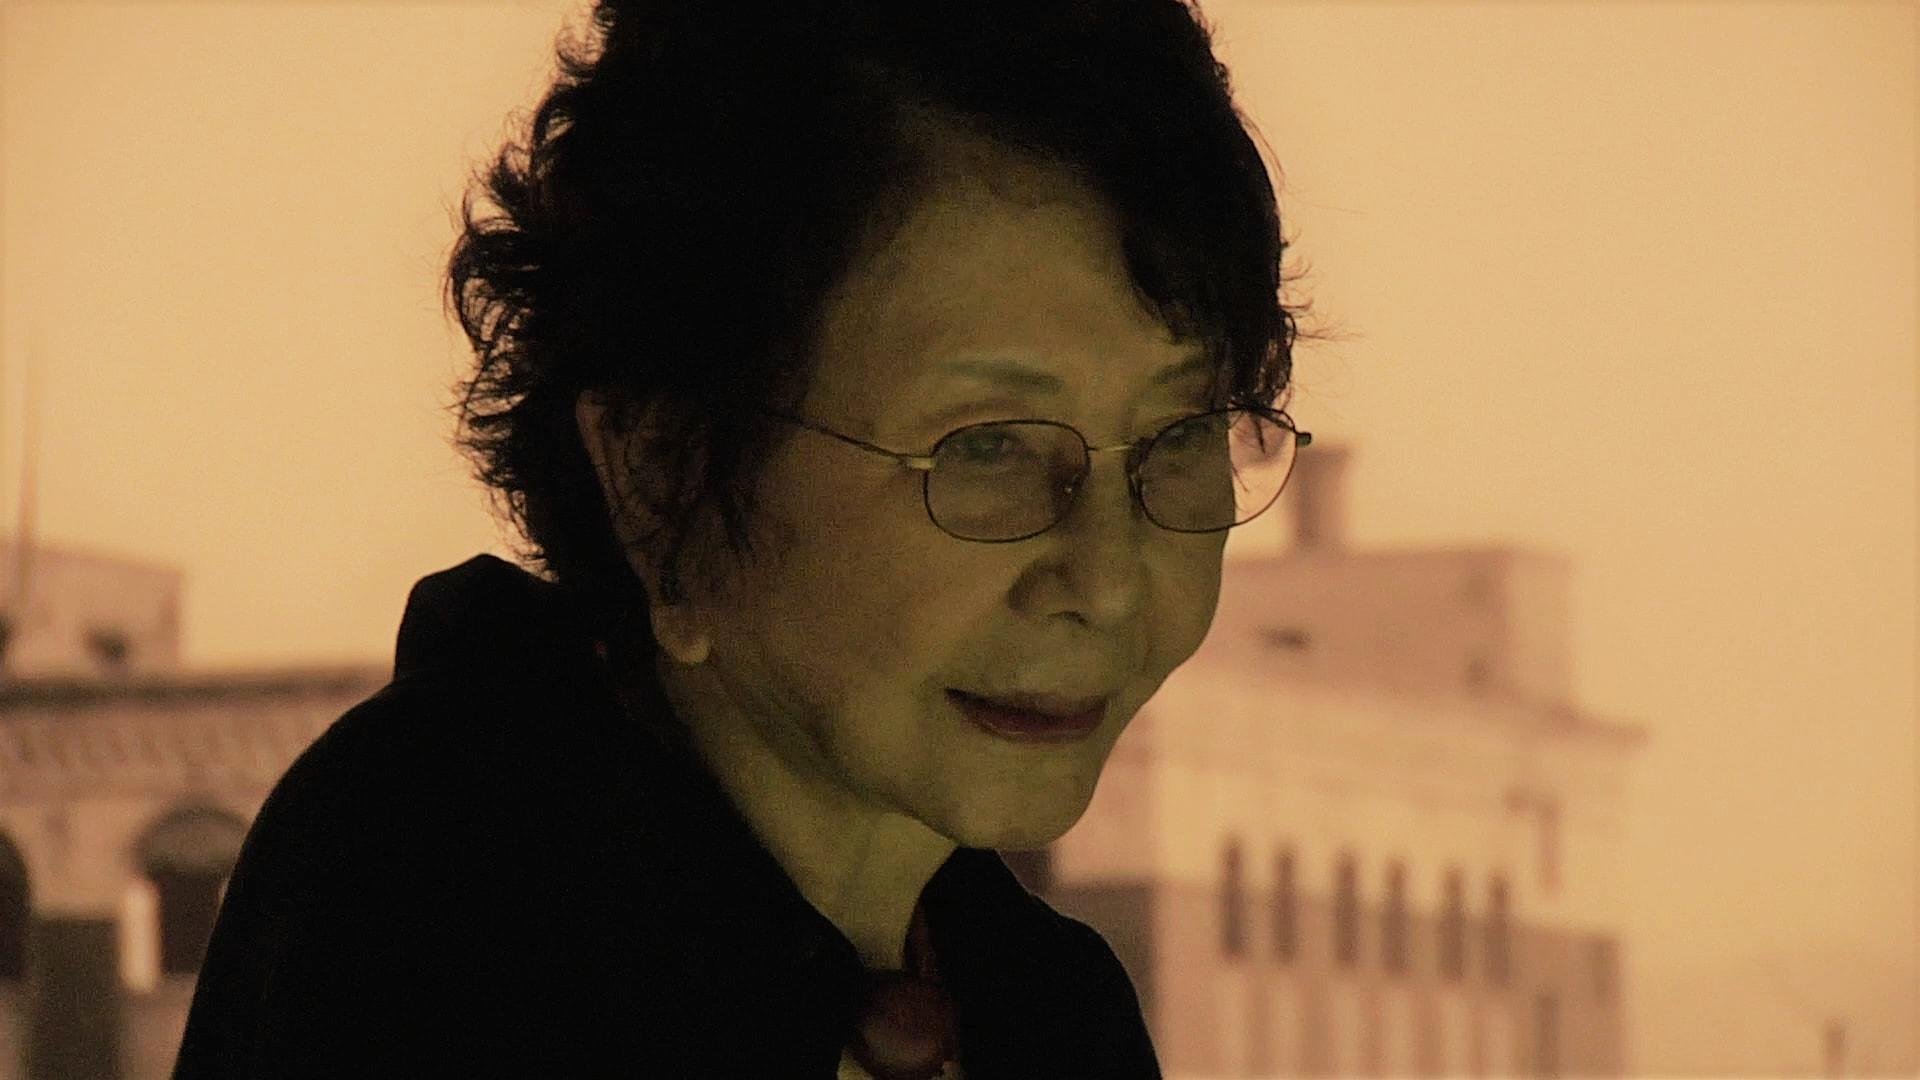 渡辺美佐子さん(C)「誰がために憲法はある」製作運動体